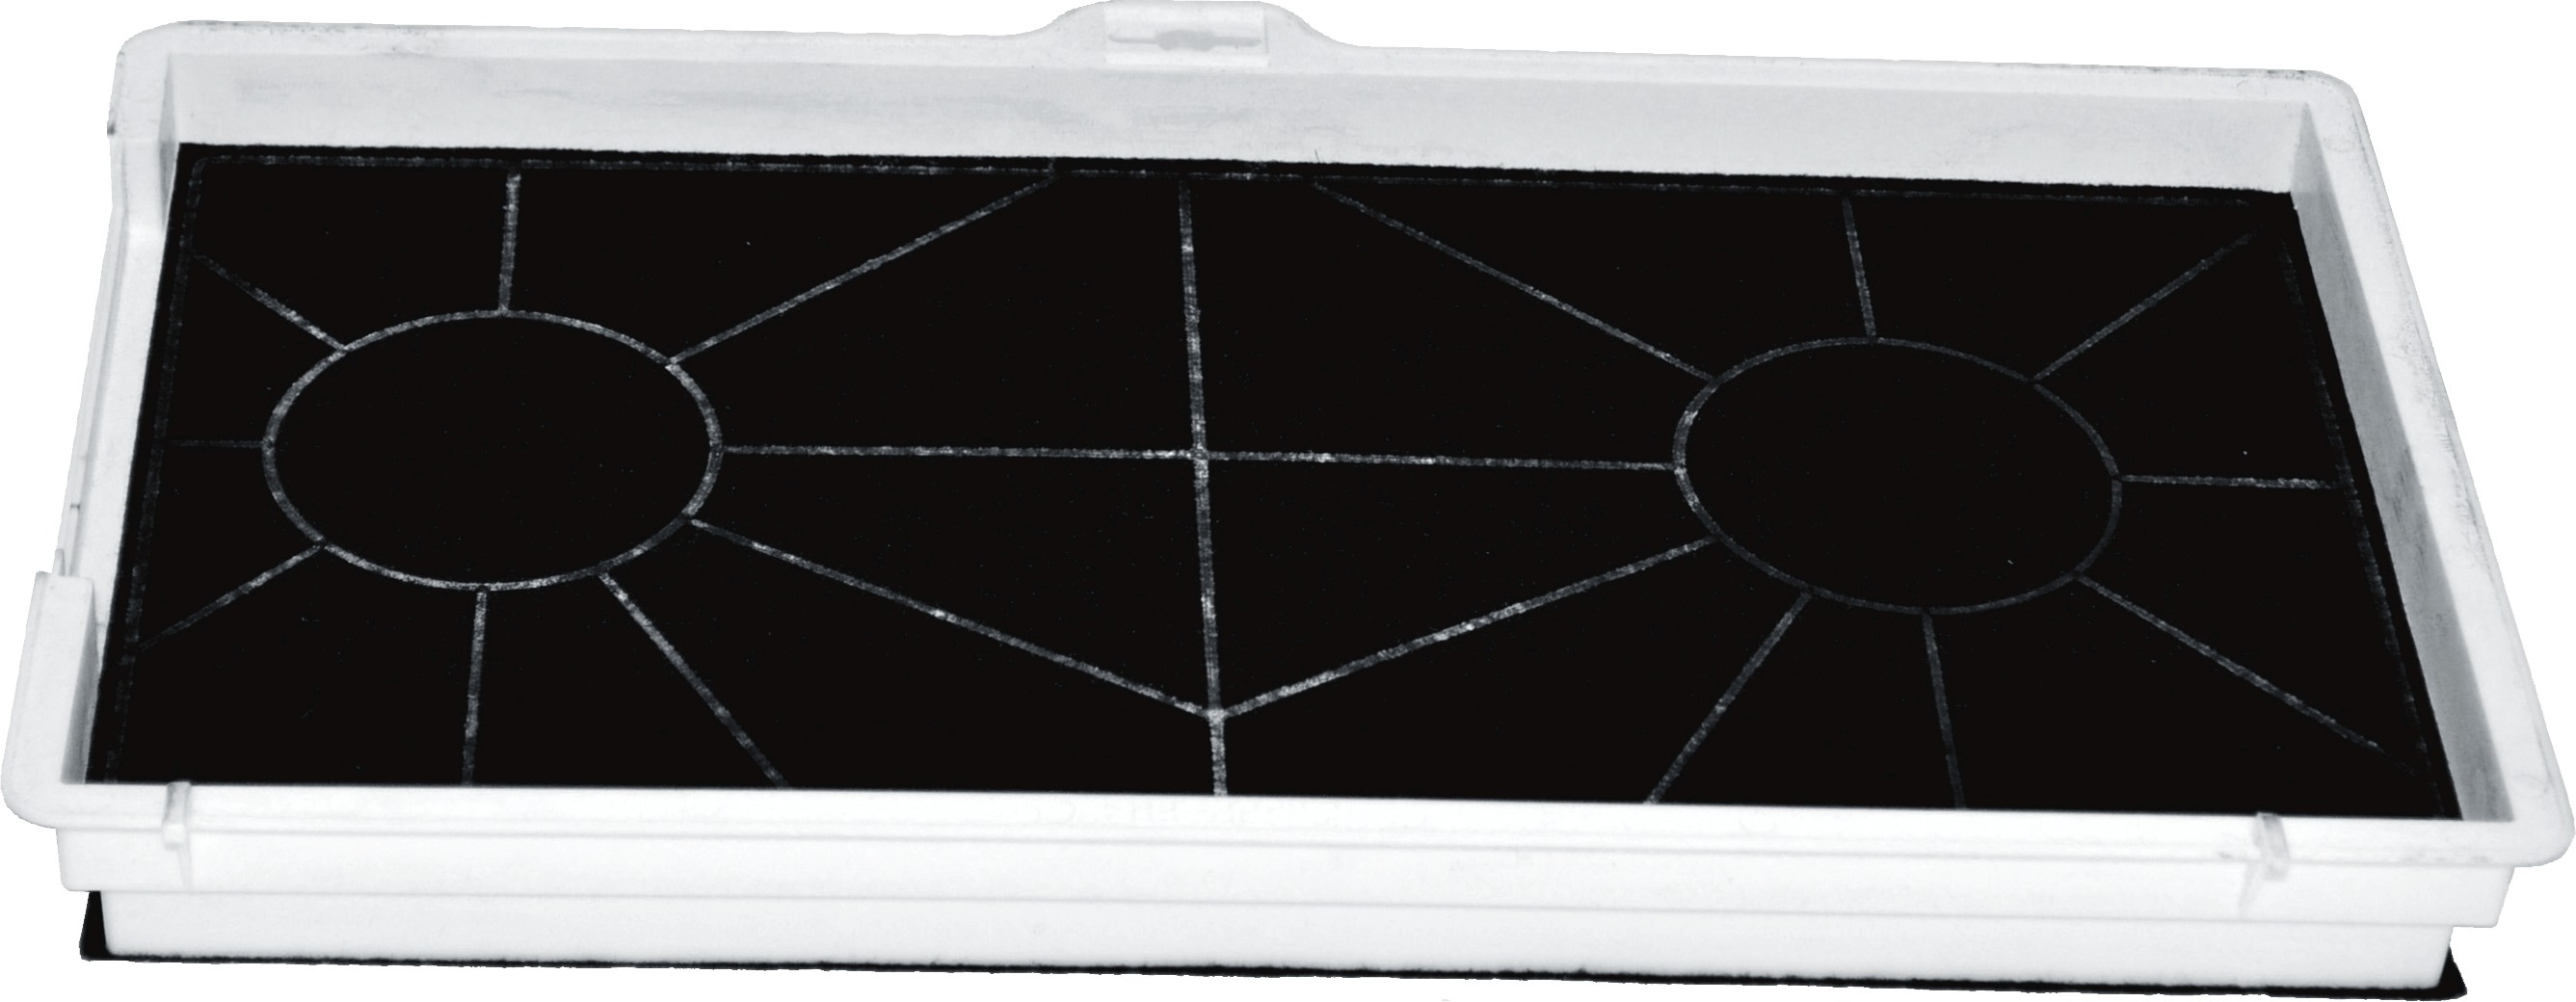 Op HardwareComponenten.nl is alles over algemeen te vinden: waaronder expert en specifiek Bosch DHZ7305 Afzuigkap accessoire Zwart